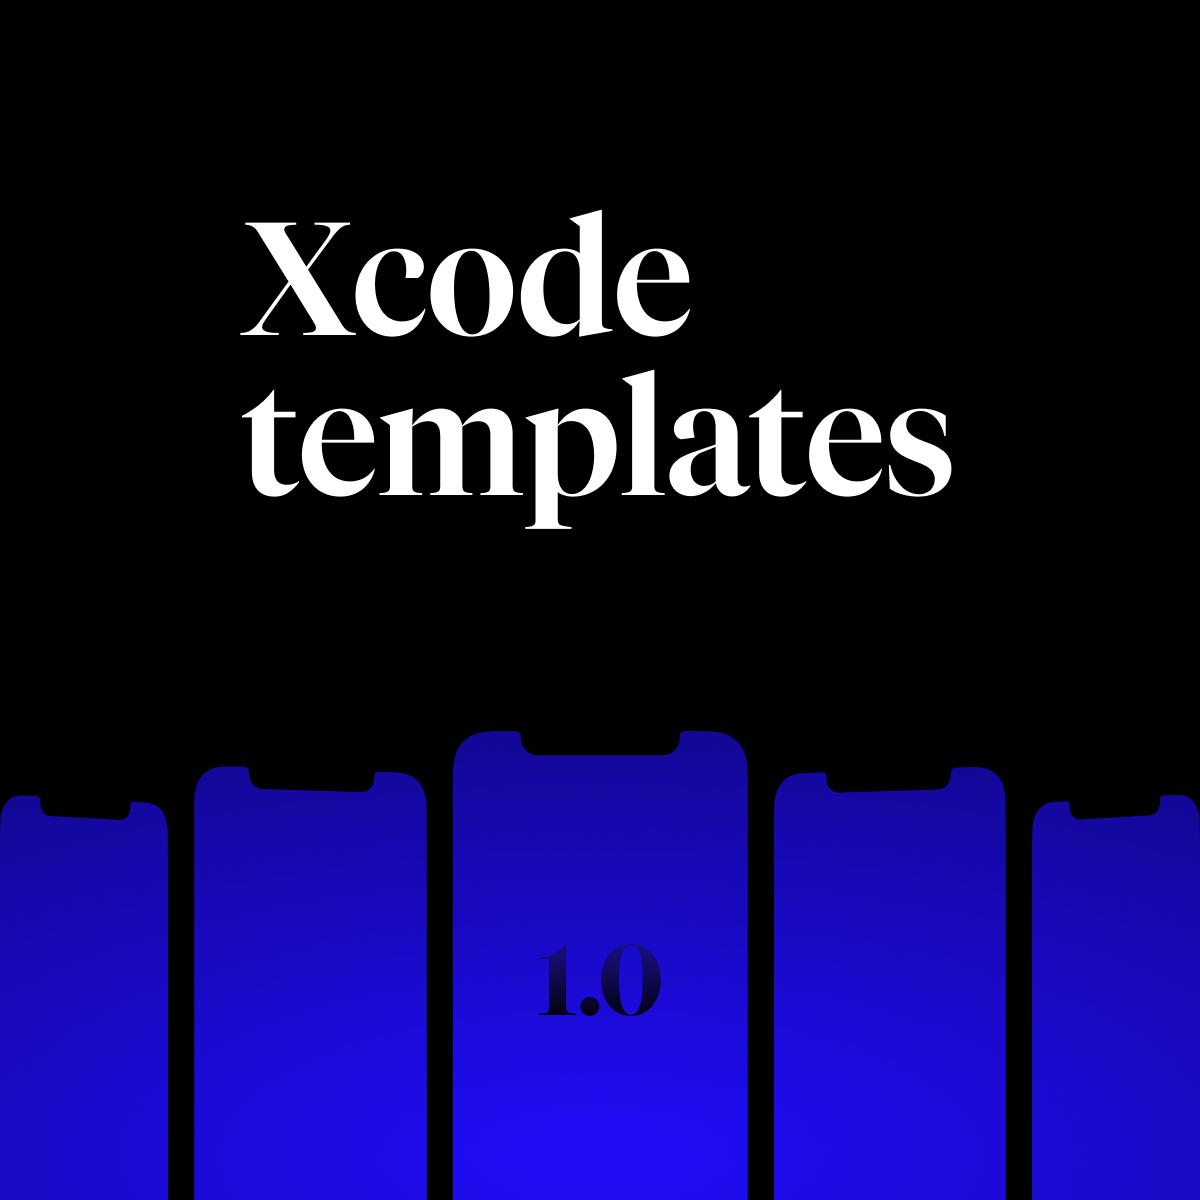 Xcode project templates - sprievodca spustením a návod kde ich nájsť